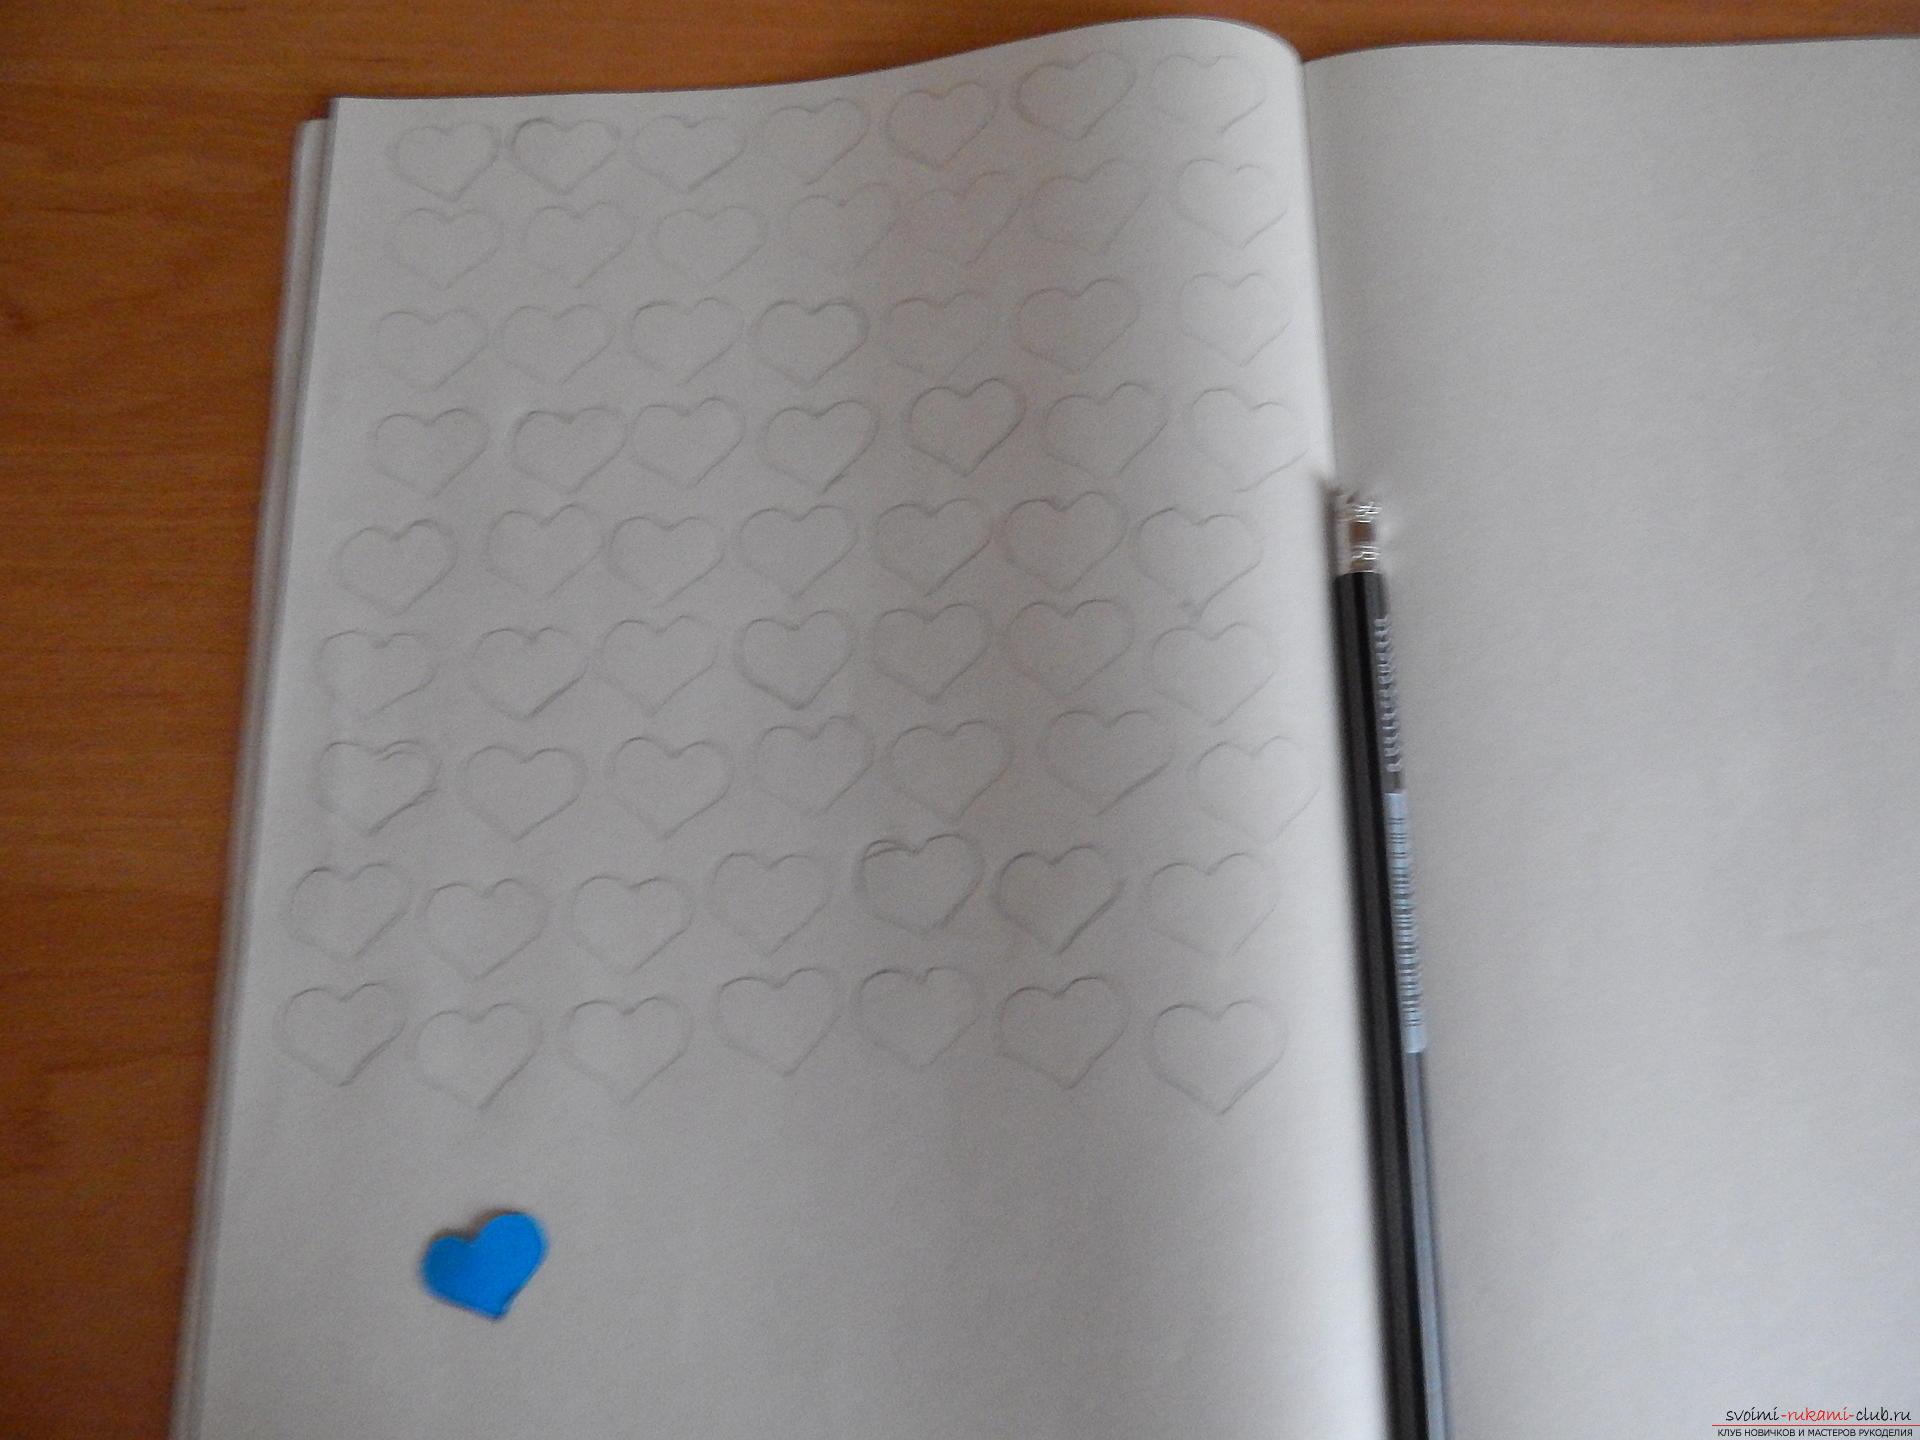 Этот подробный мастер-класс научит как сделать своими руками календарь - подарок на День влюбленных. Фото №6